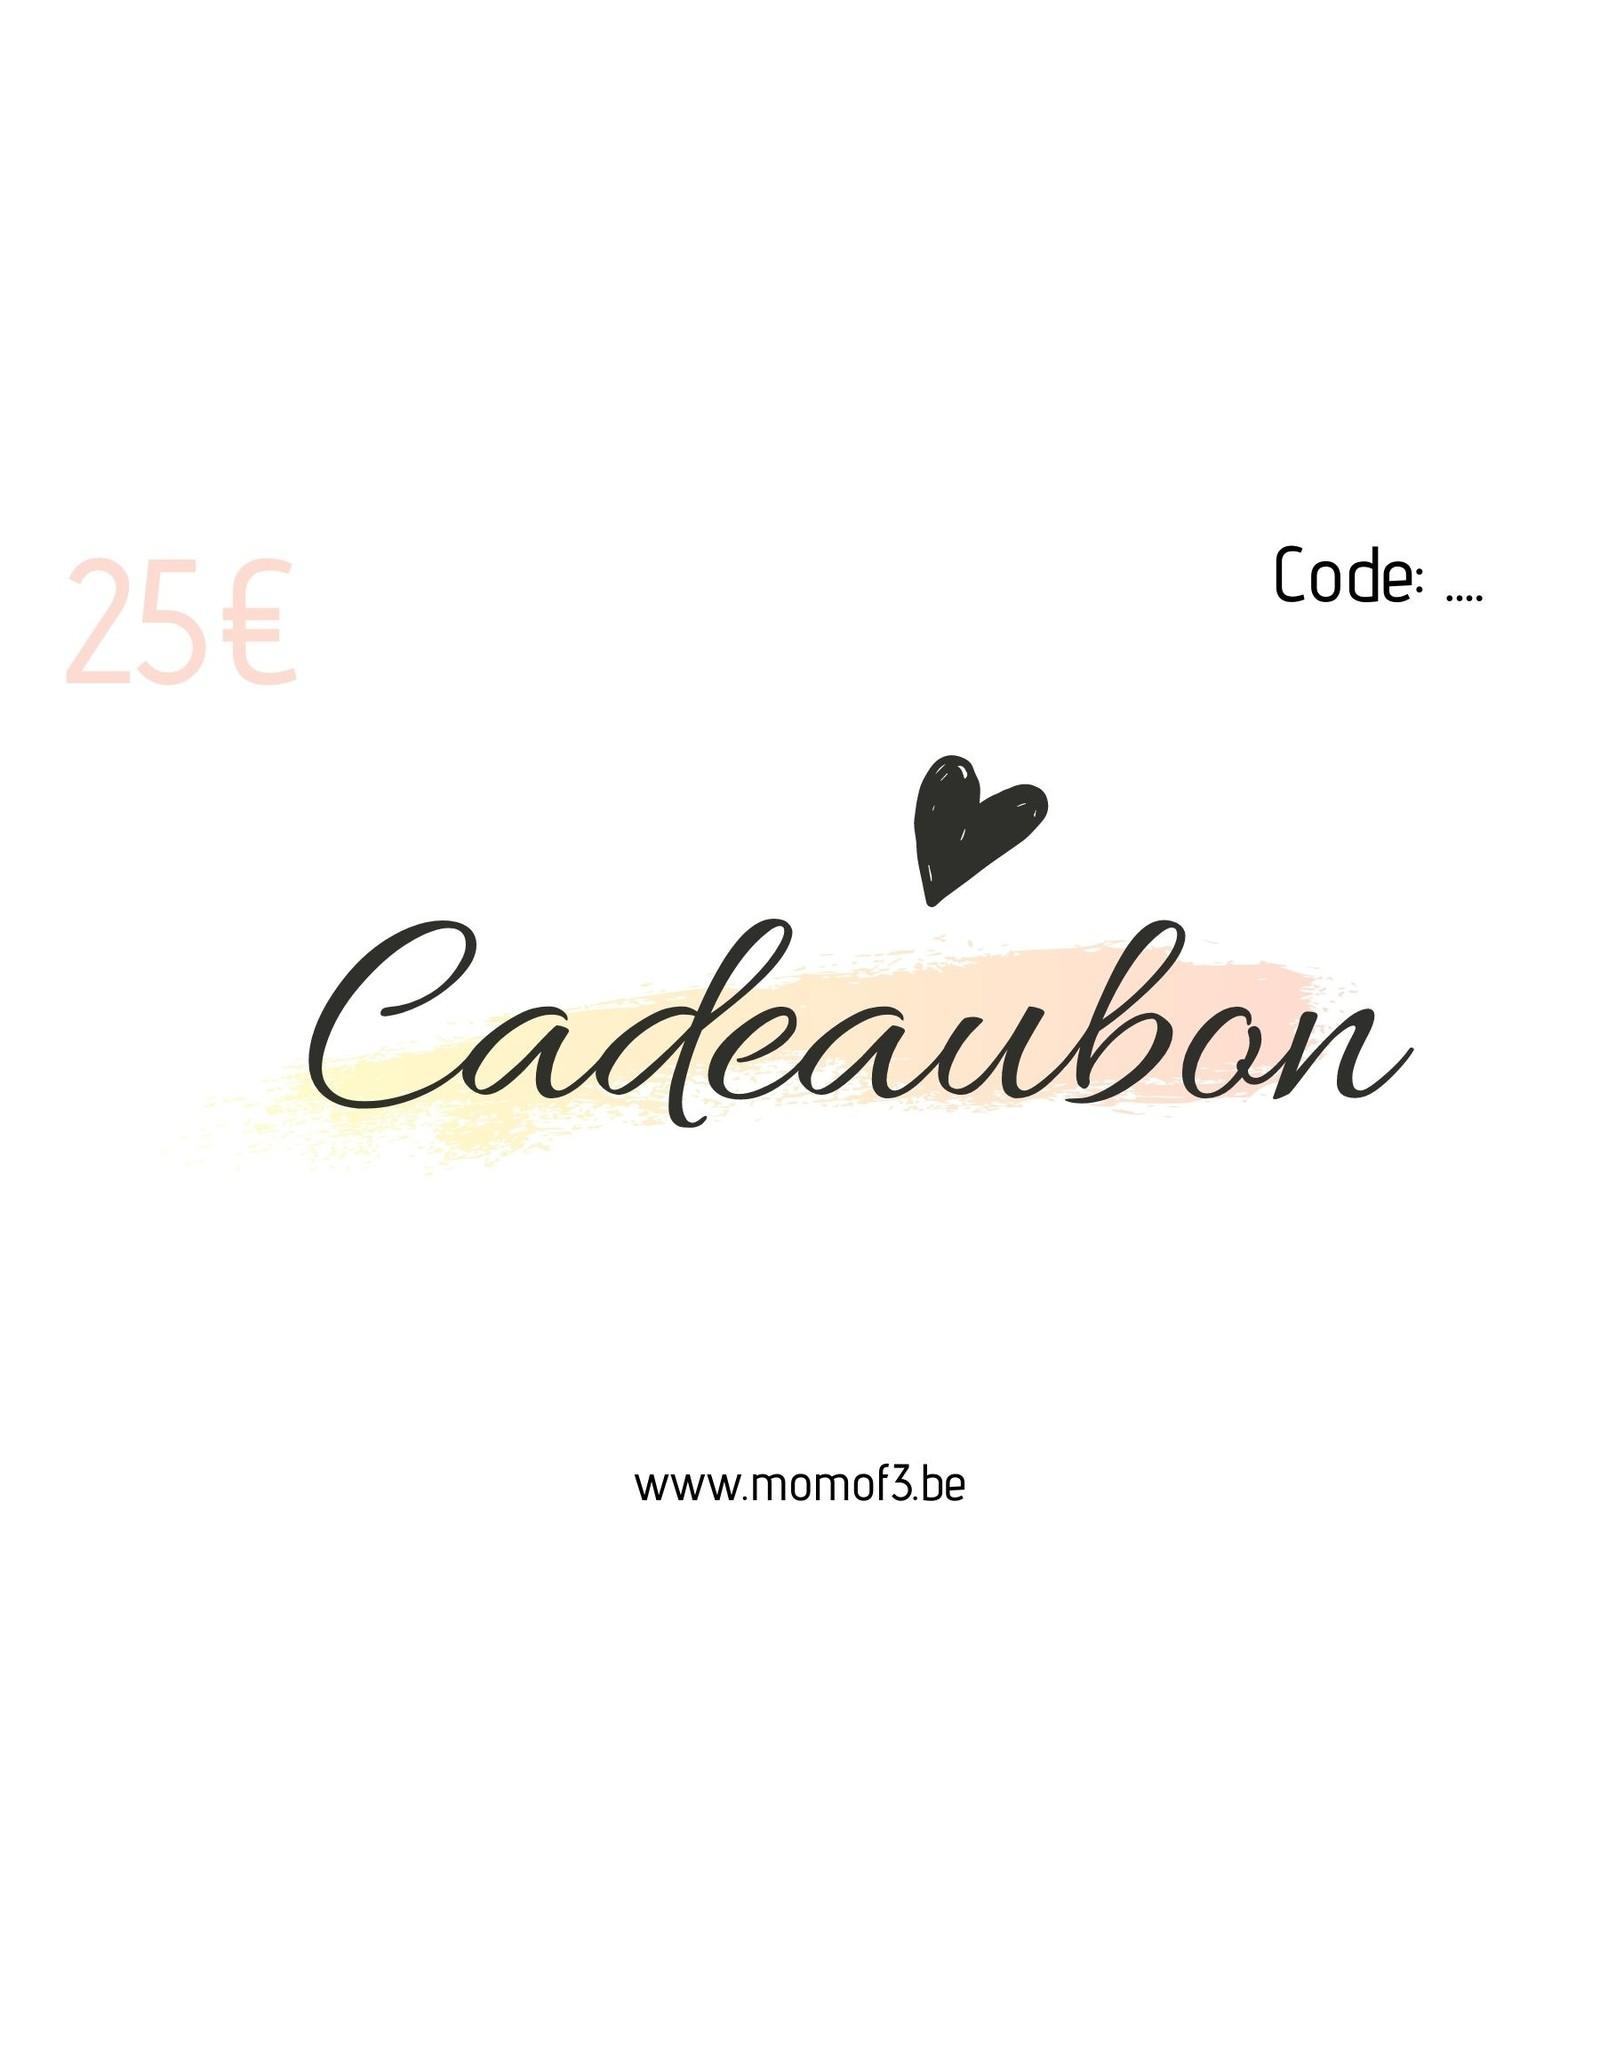 Momof3 Cadeaubon: 25€